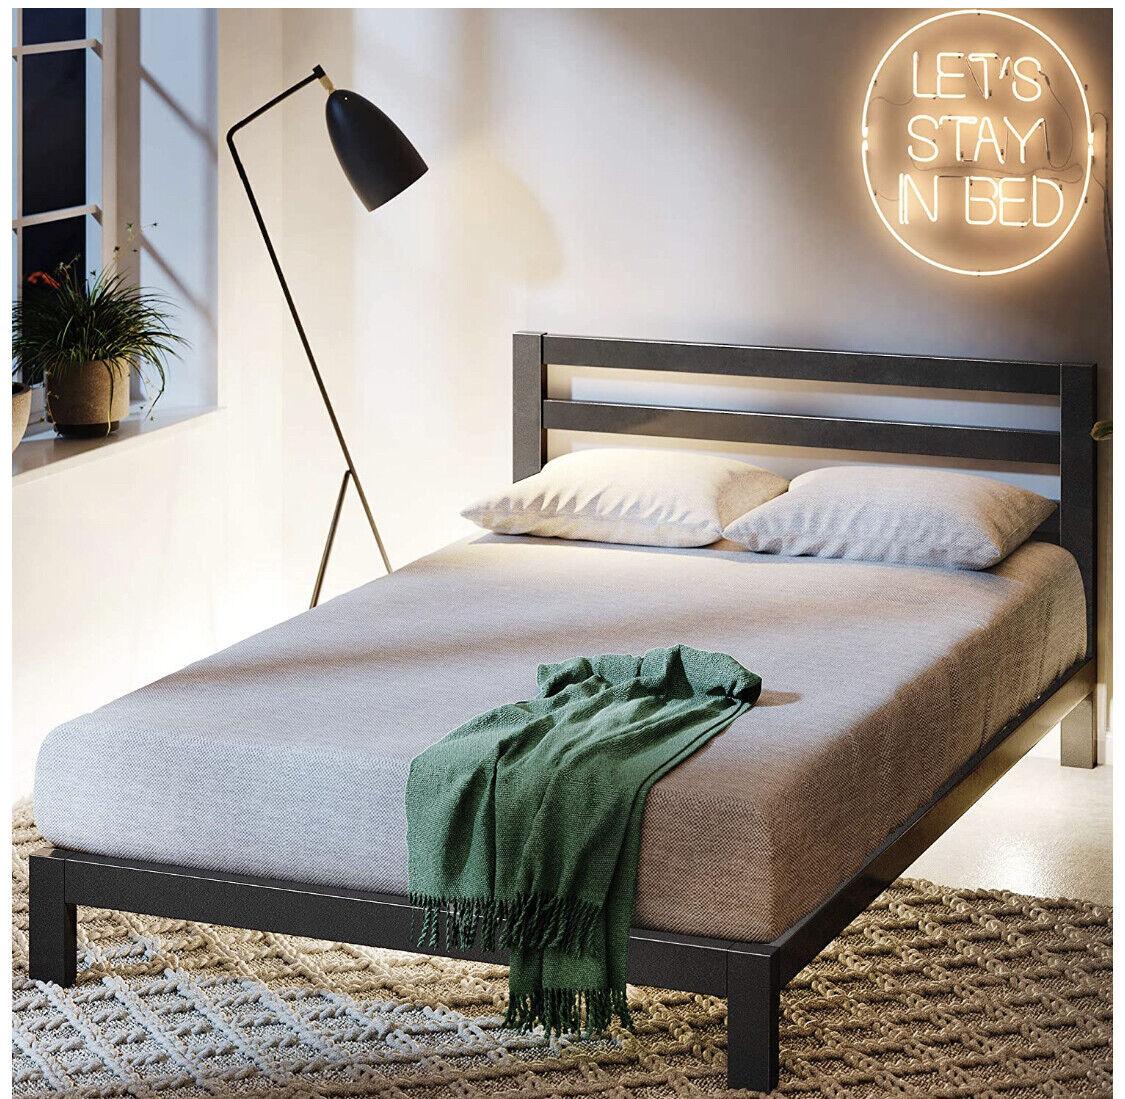 Modern Studio Platform 2000H Metal Bed Frame/Foundation with